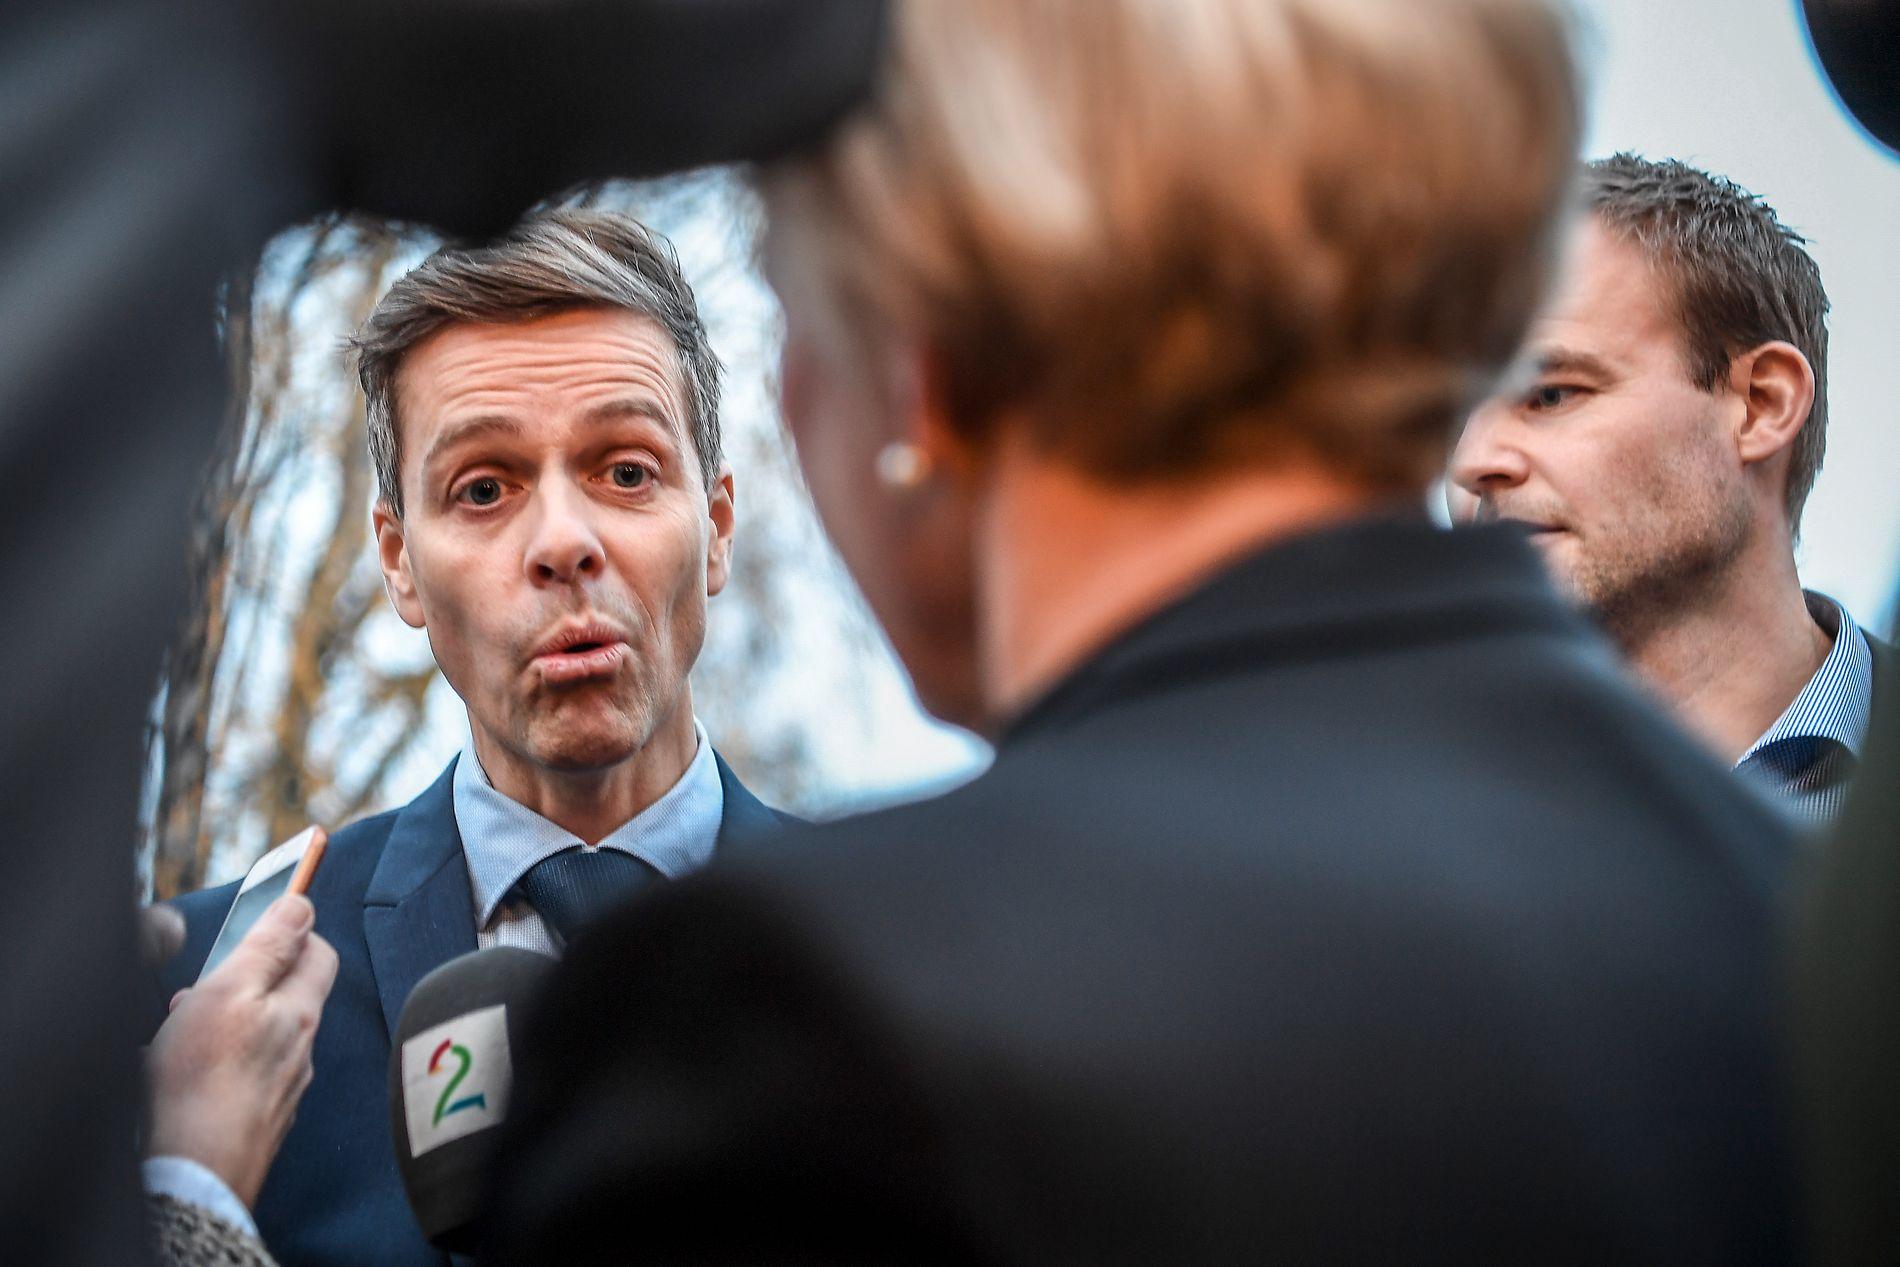 MOT HVERANDRE: I møtet i Noresund skal Knut Arild Hareide og Kjell Ingolf Ropstad debattere mot hverandre.